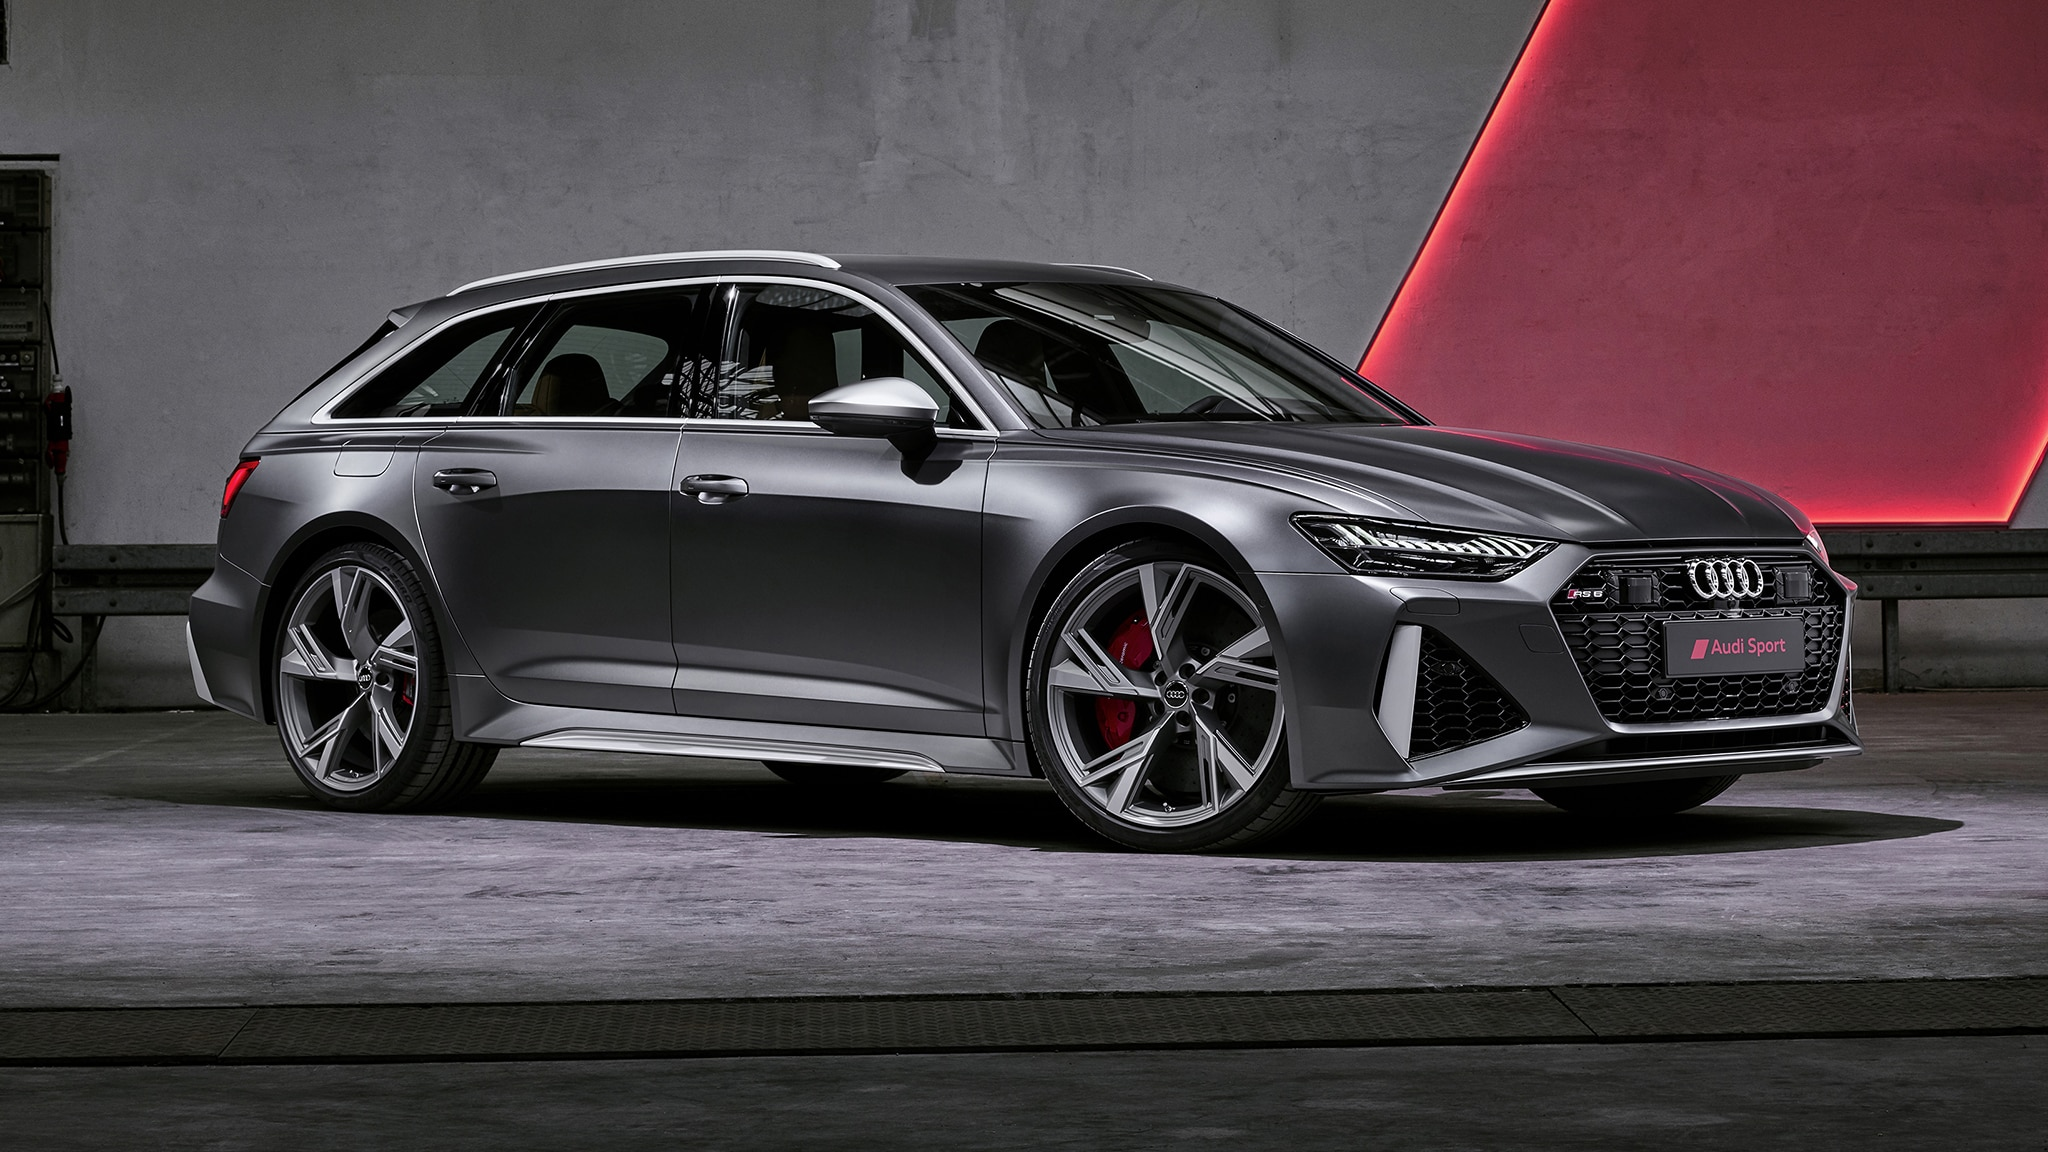 Kelebihan Kekurangan Audi Rs Harga